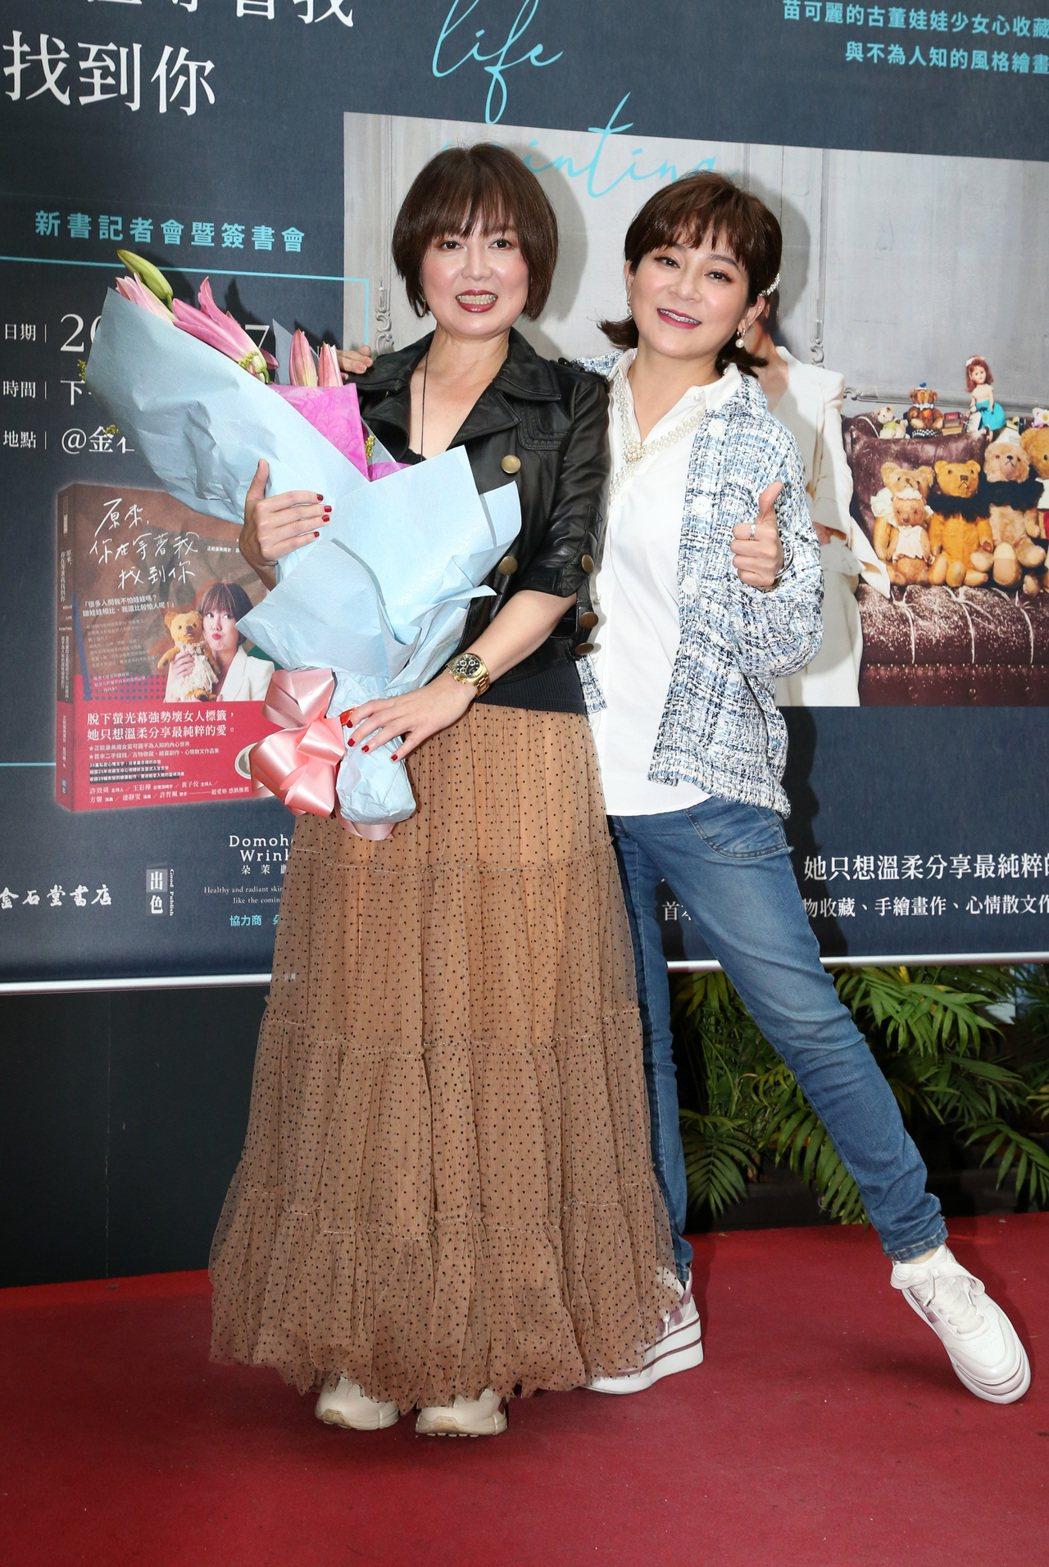 王彩樺(右)為苗可麗新書記者會站台。記者胡經周/攝影